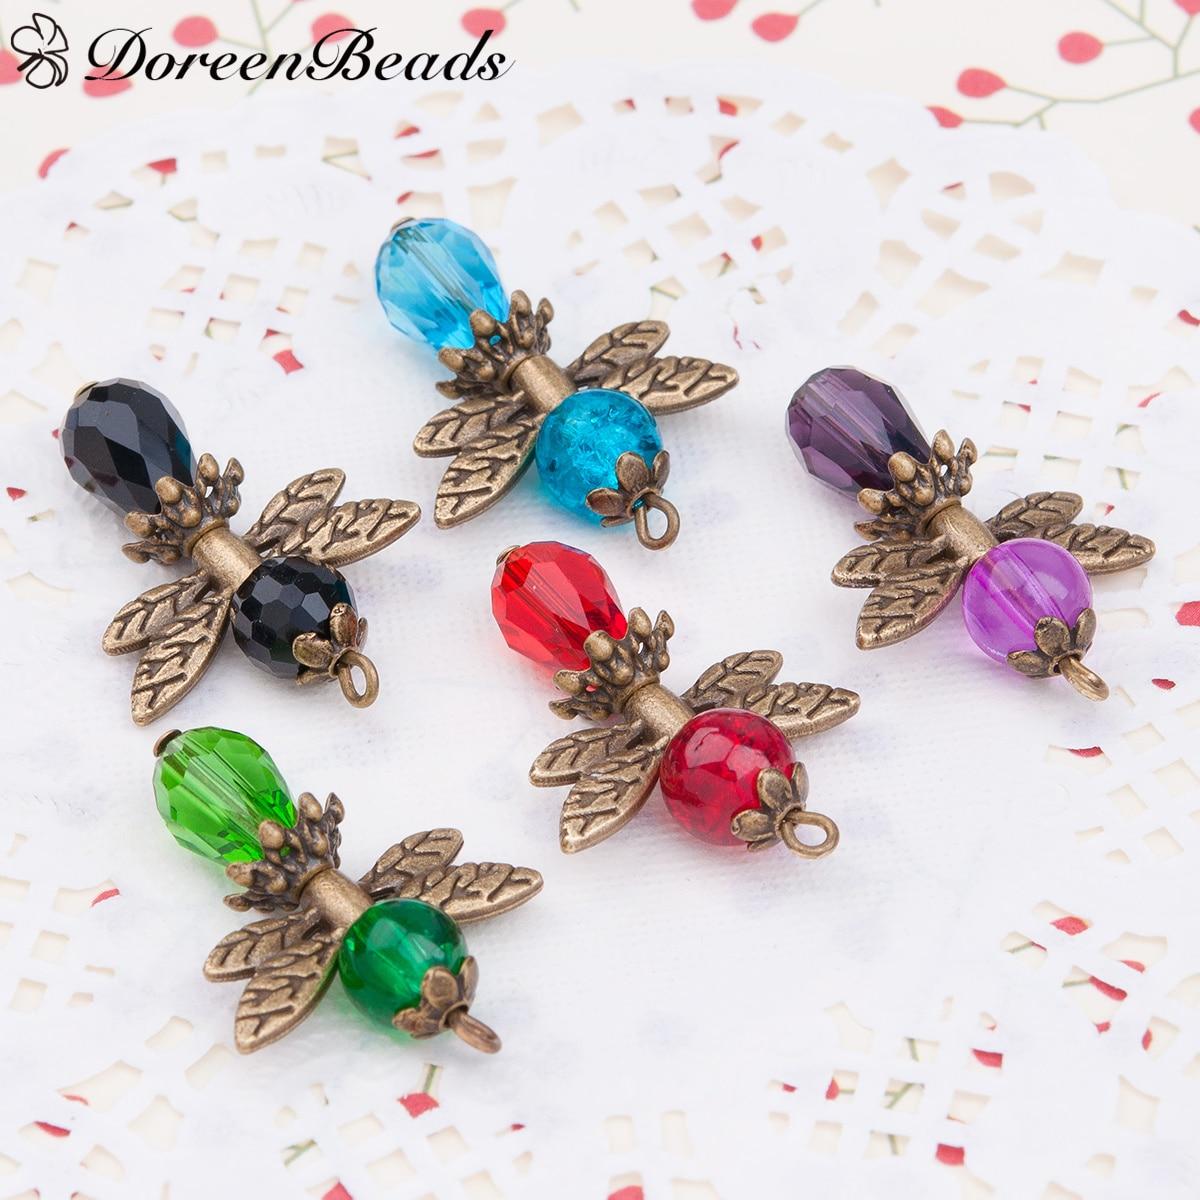 Guardian Angel Wing Charms Pendants Drop Antique Bronze With Glass Multicolor Bead 3.1cm x 2.2cm,1 Set(5 PCs/Set)